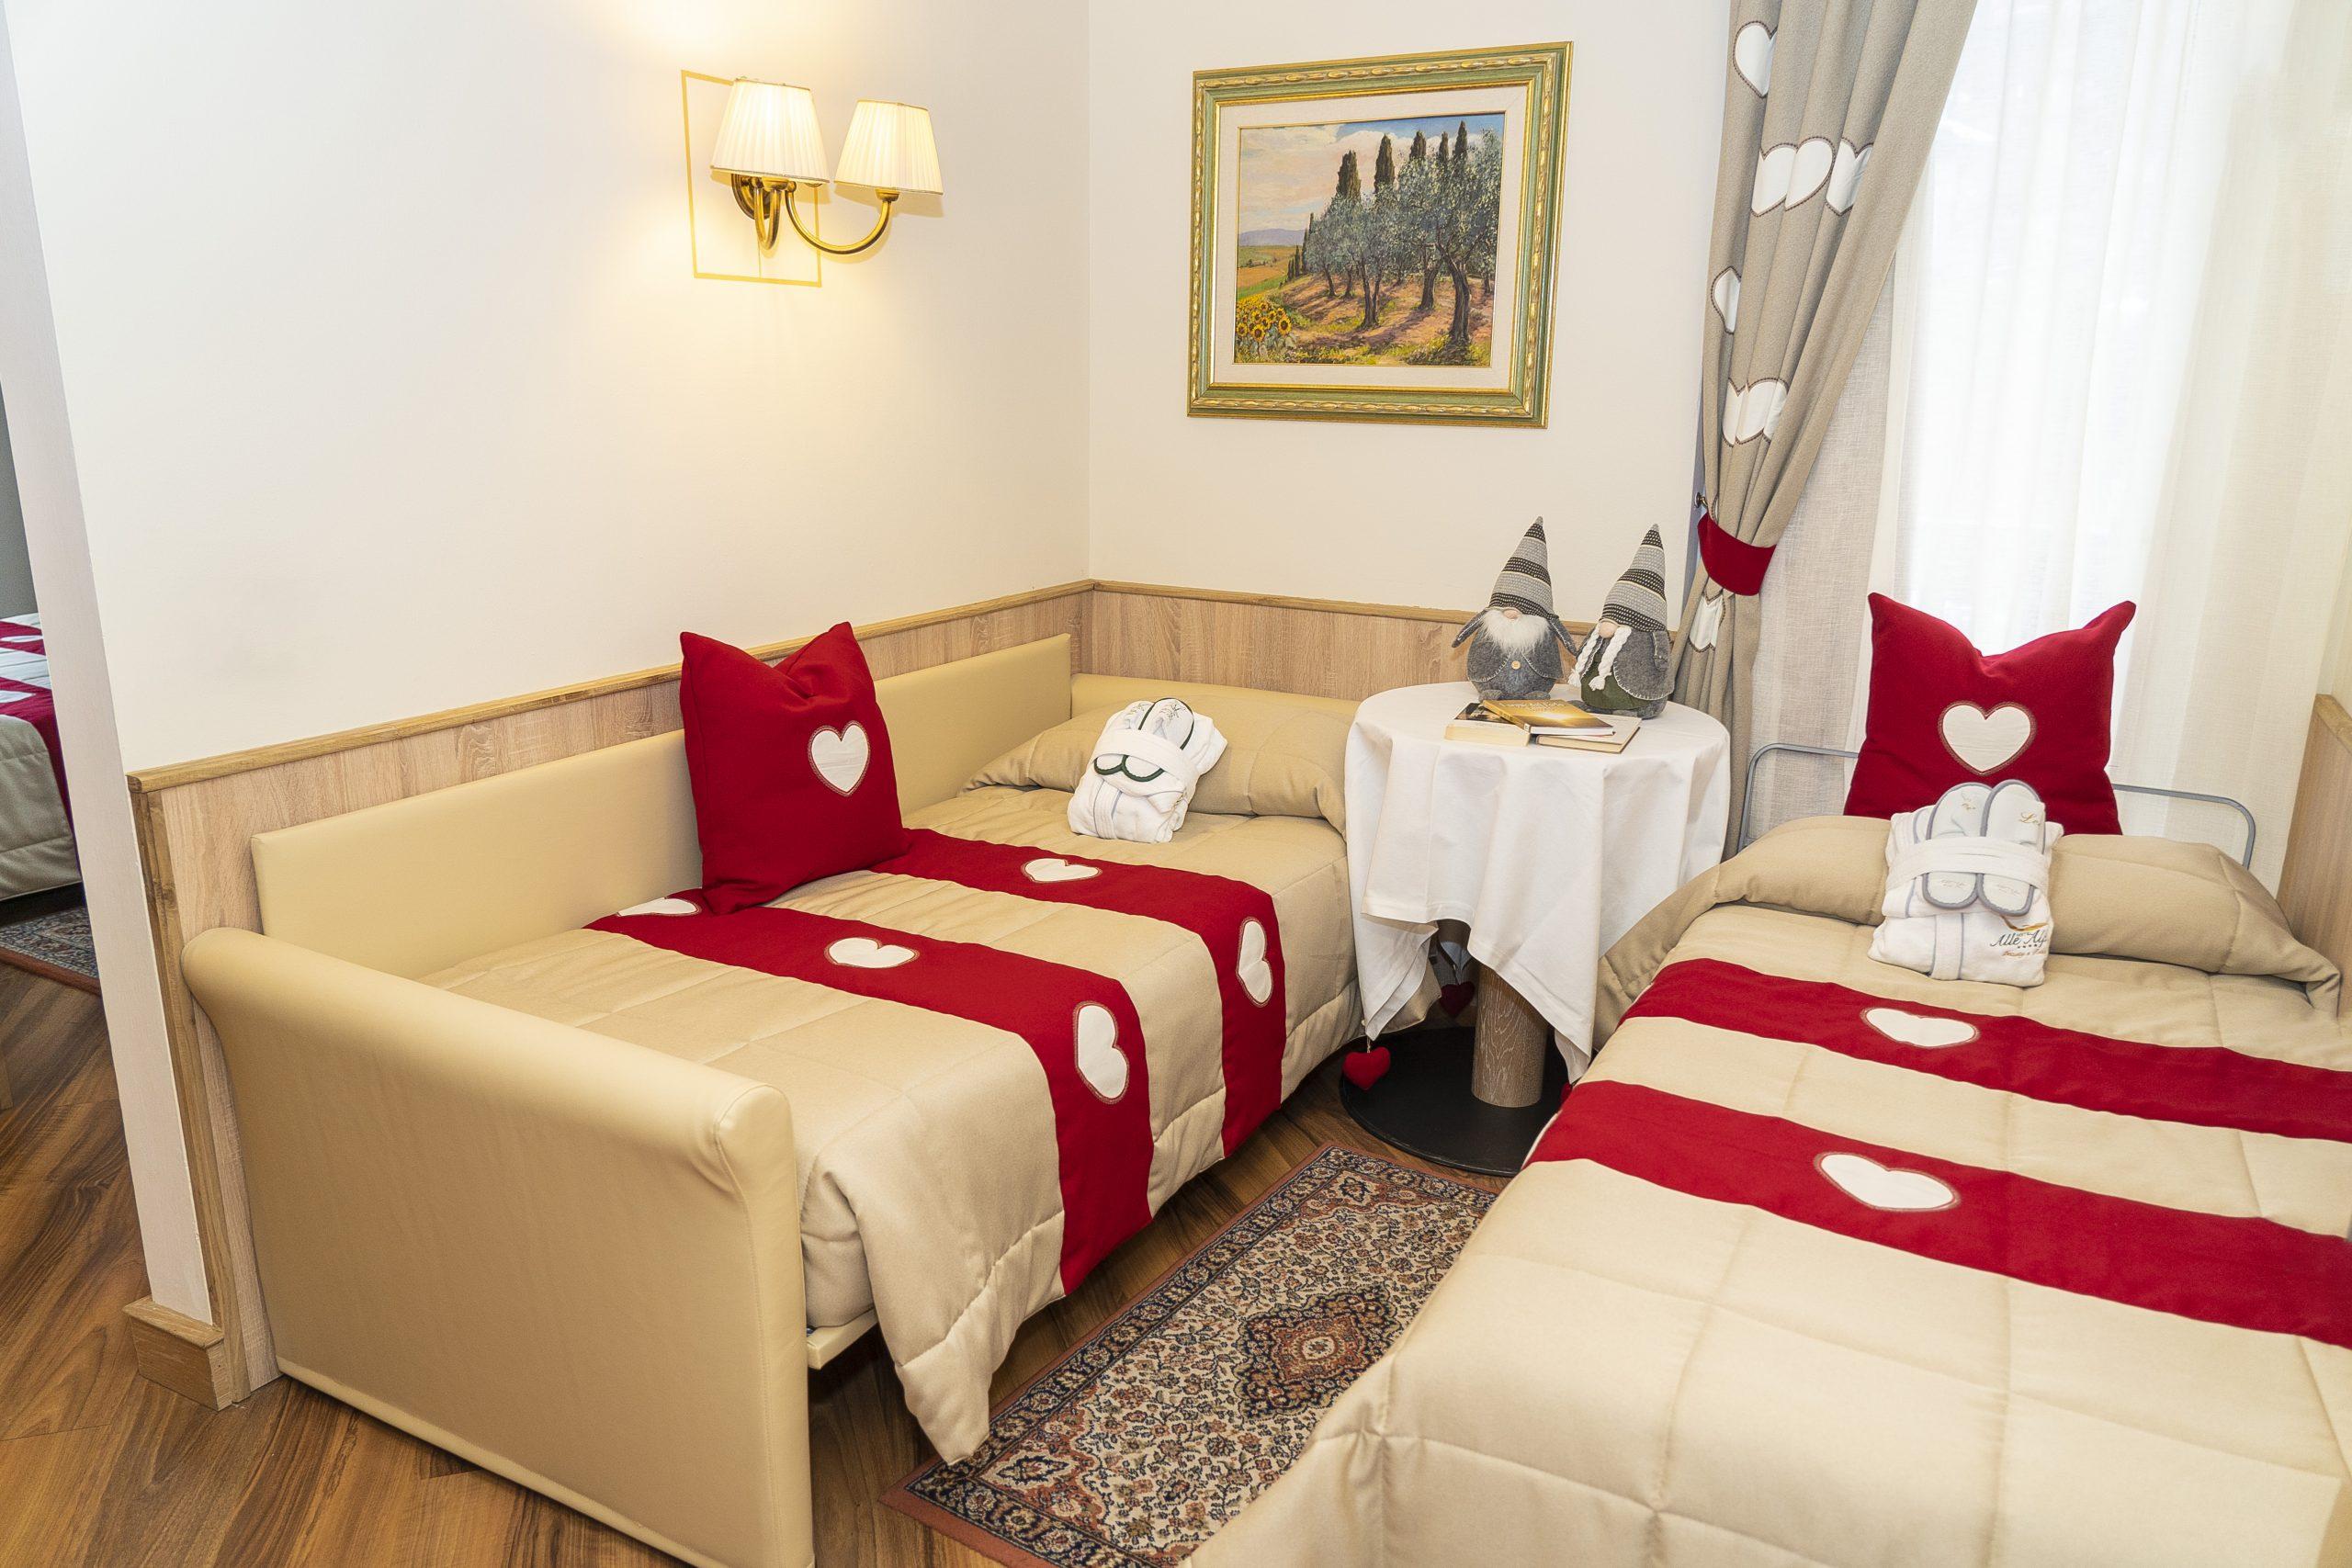 Hotel Val di Fassa Family Room Hotel alle Alpi